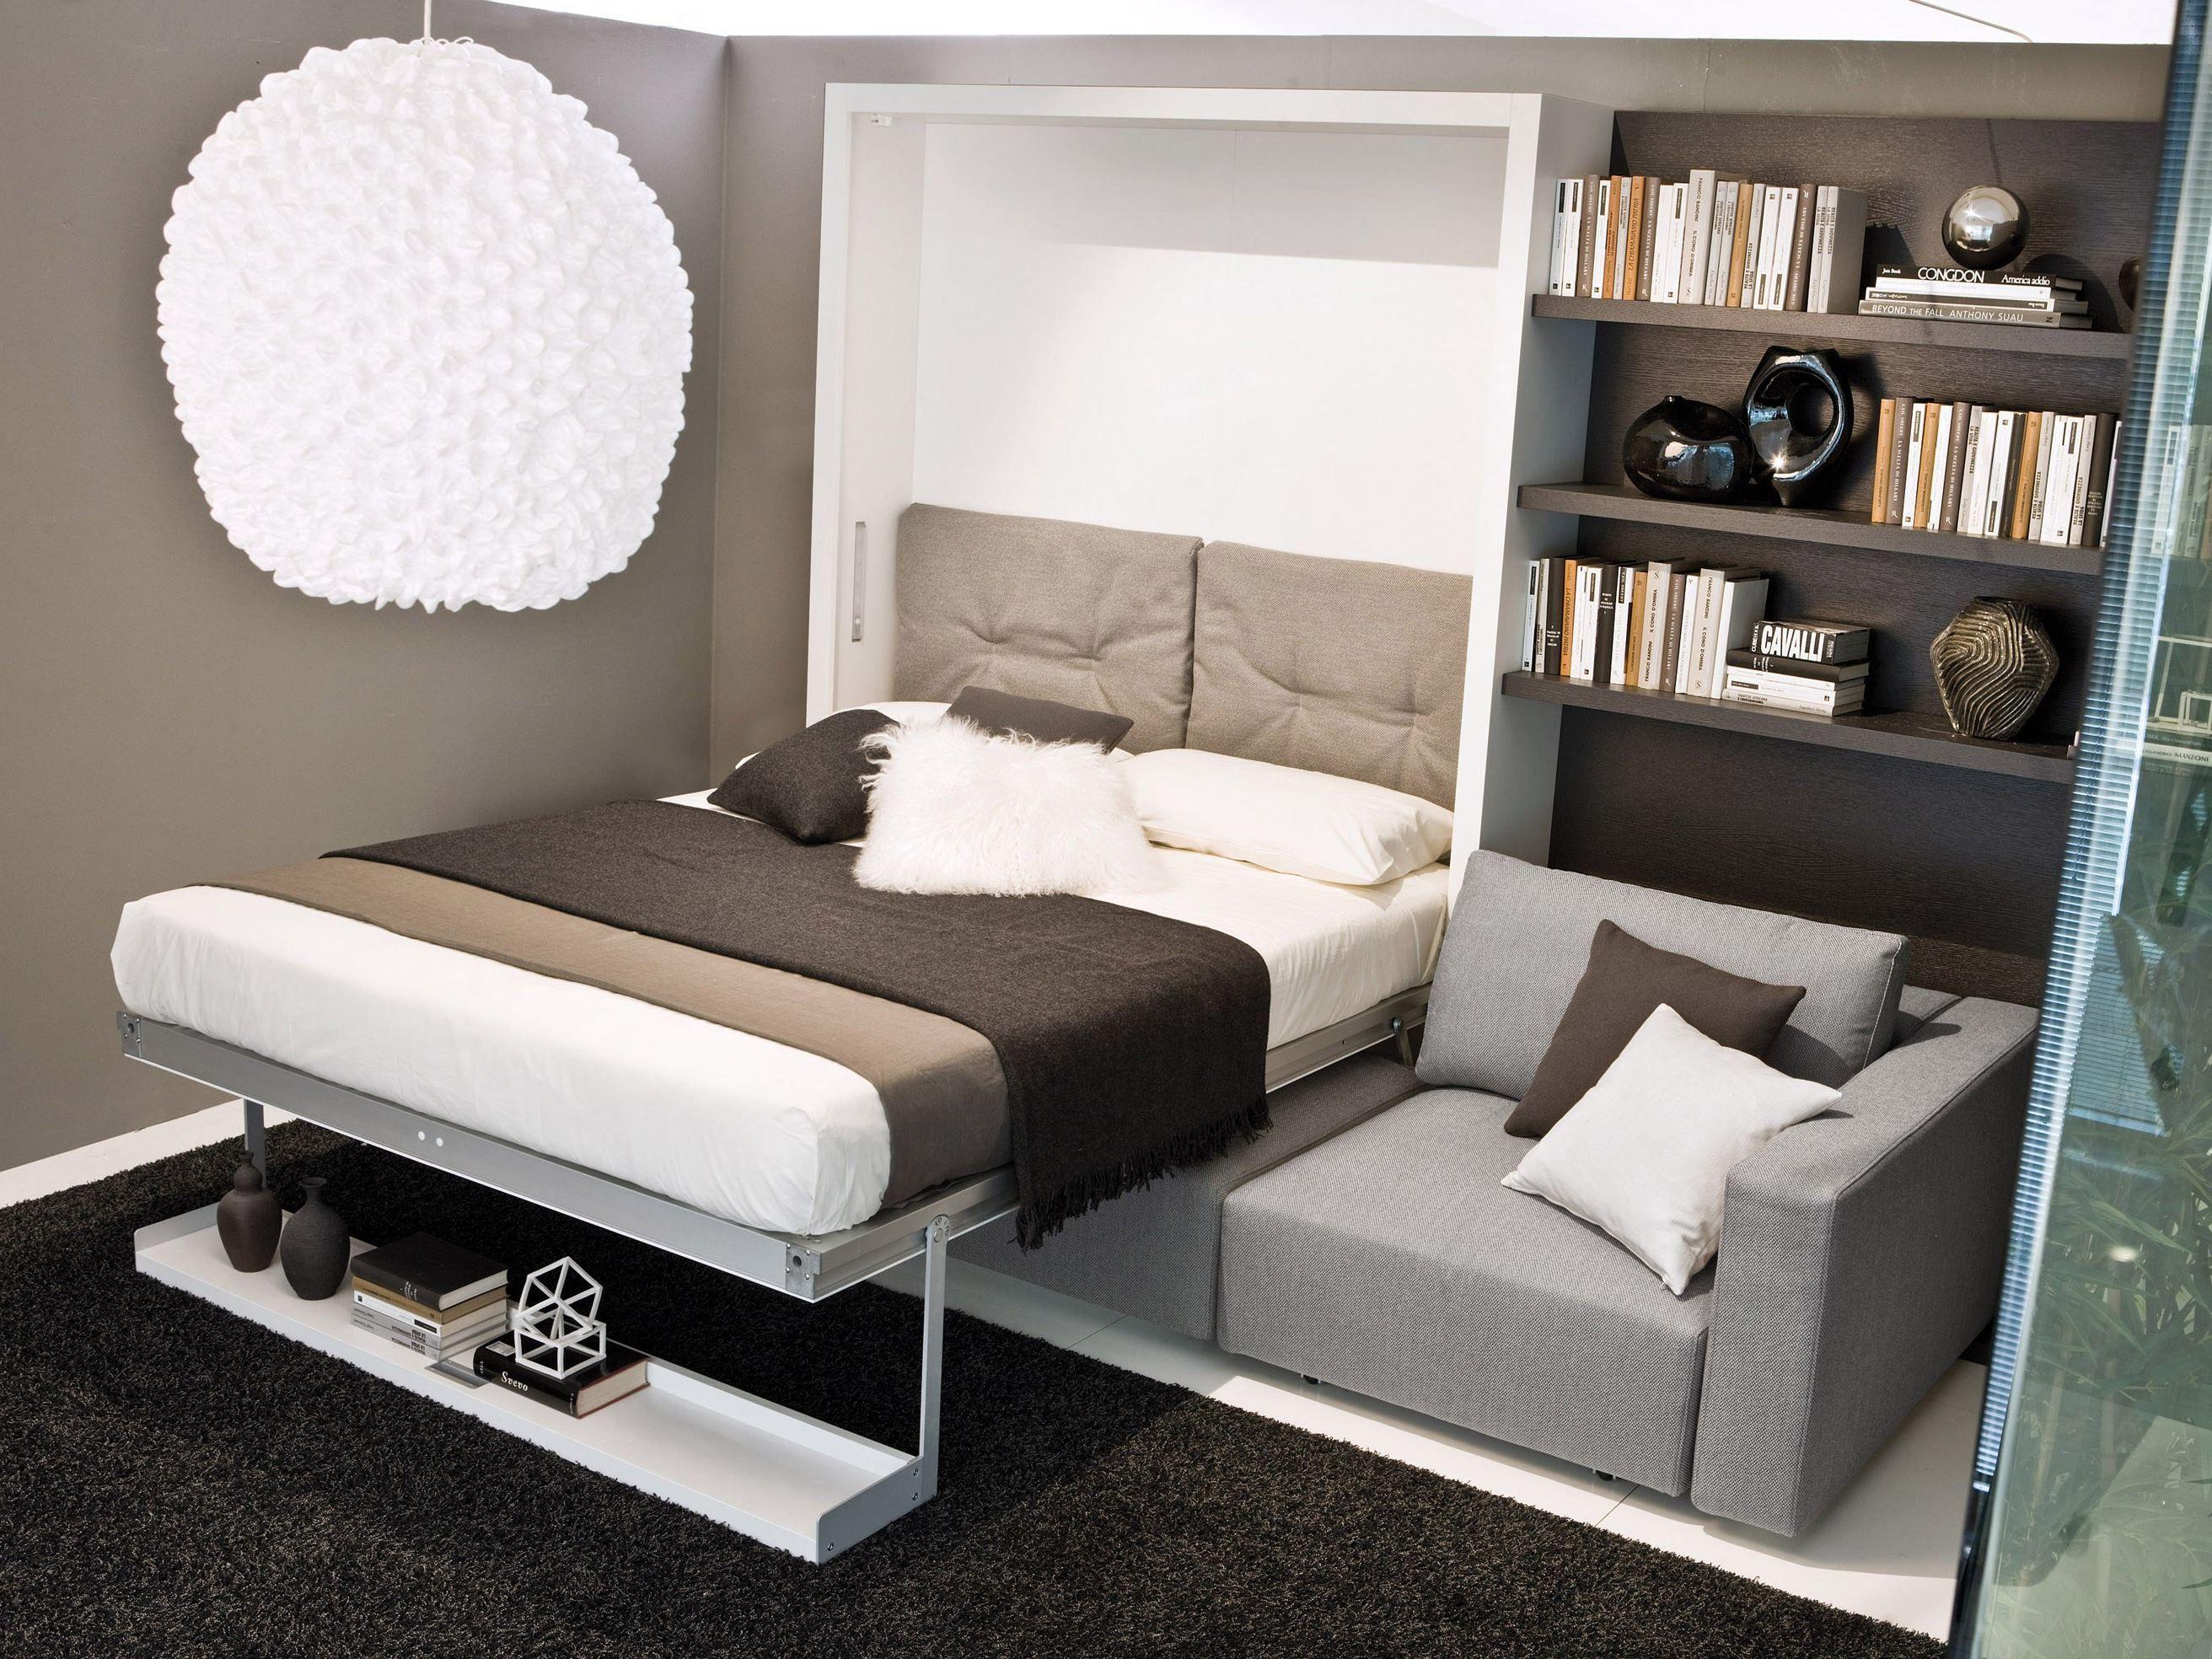 Swing Storage Wall By Clei Design Pierluigi Colombo Murphy Bed